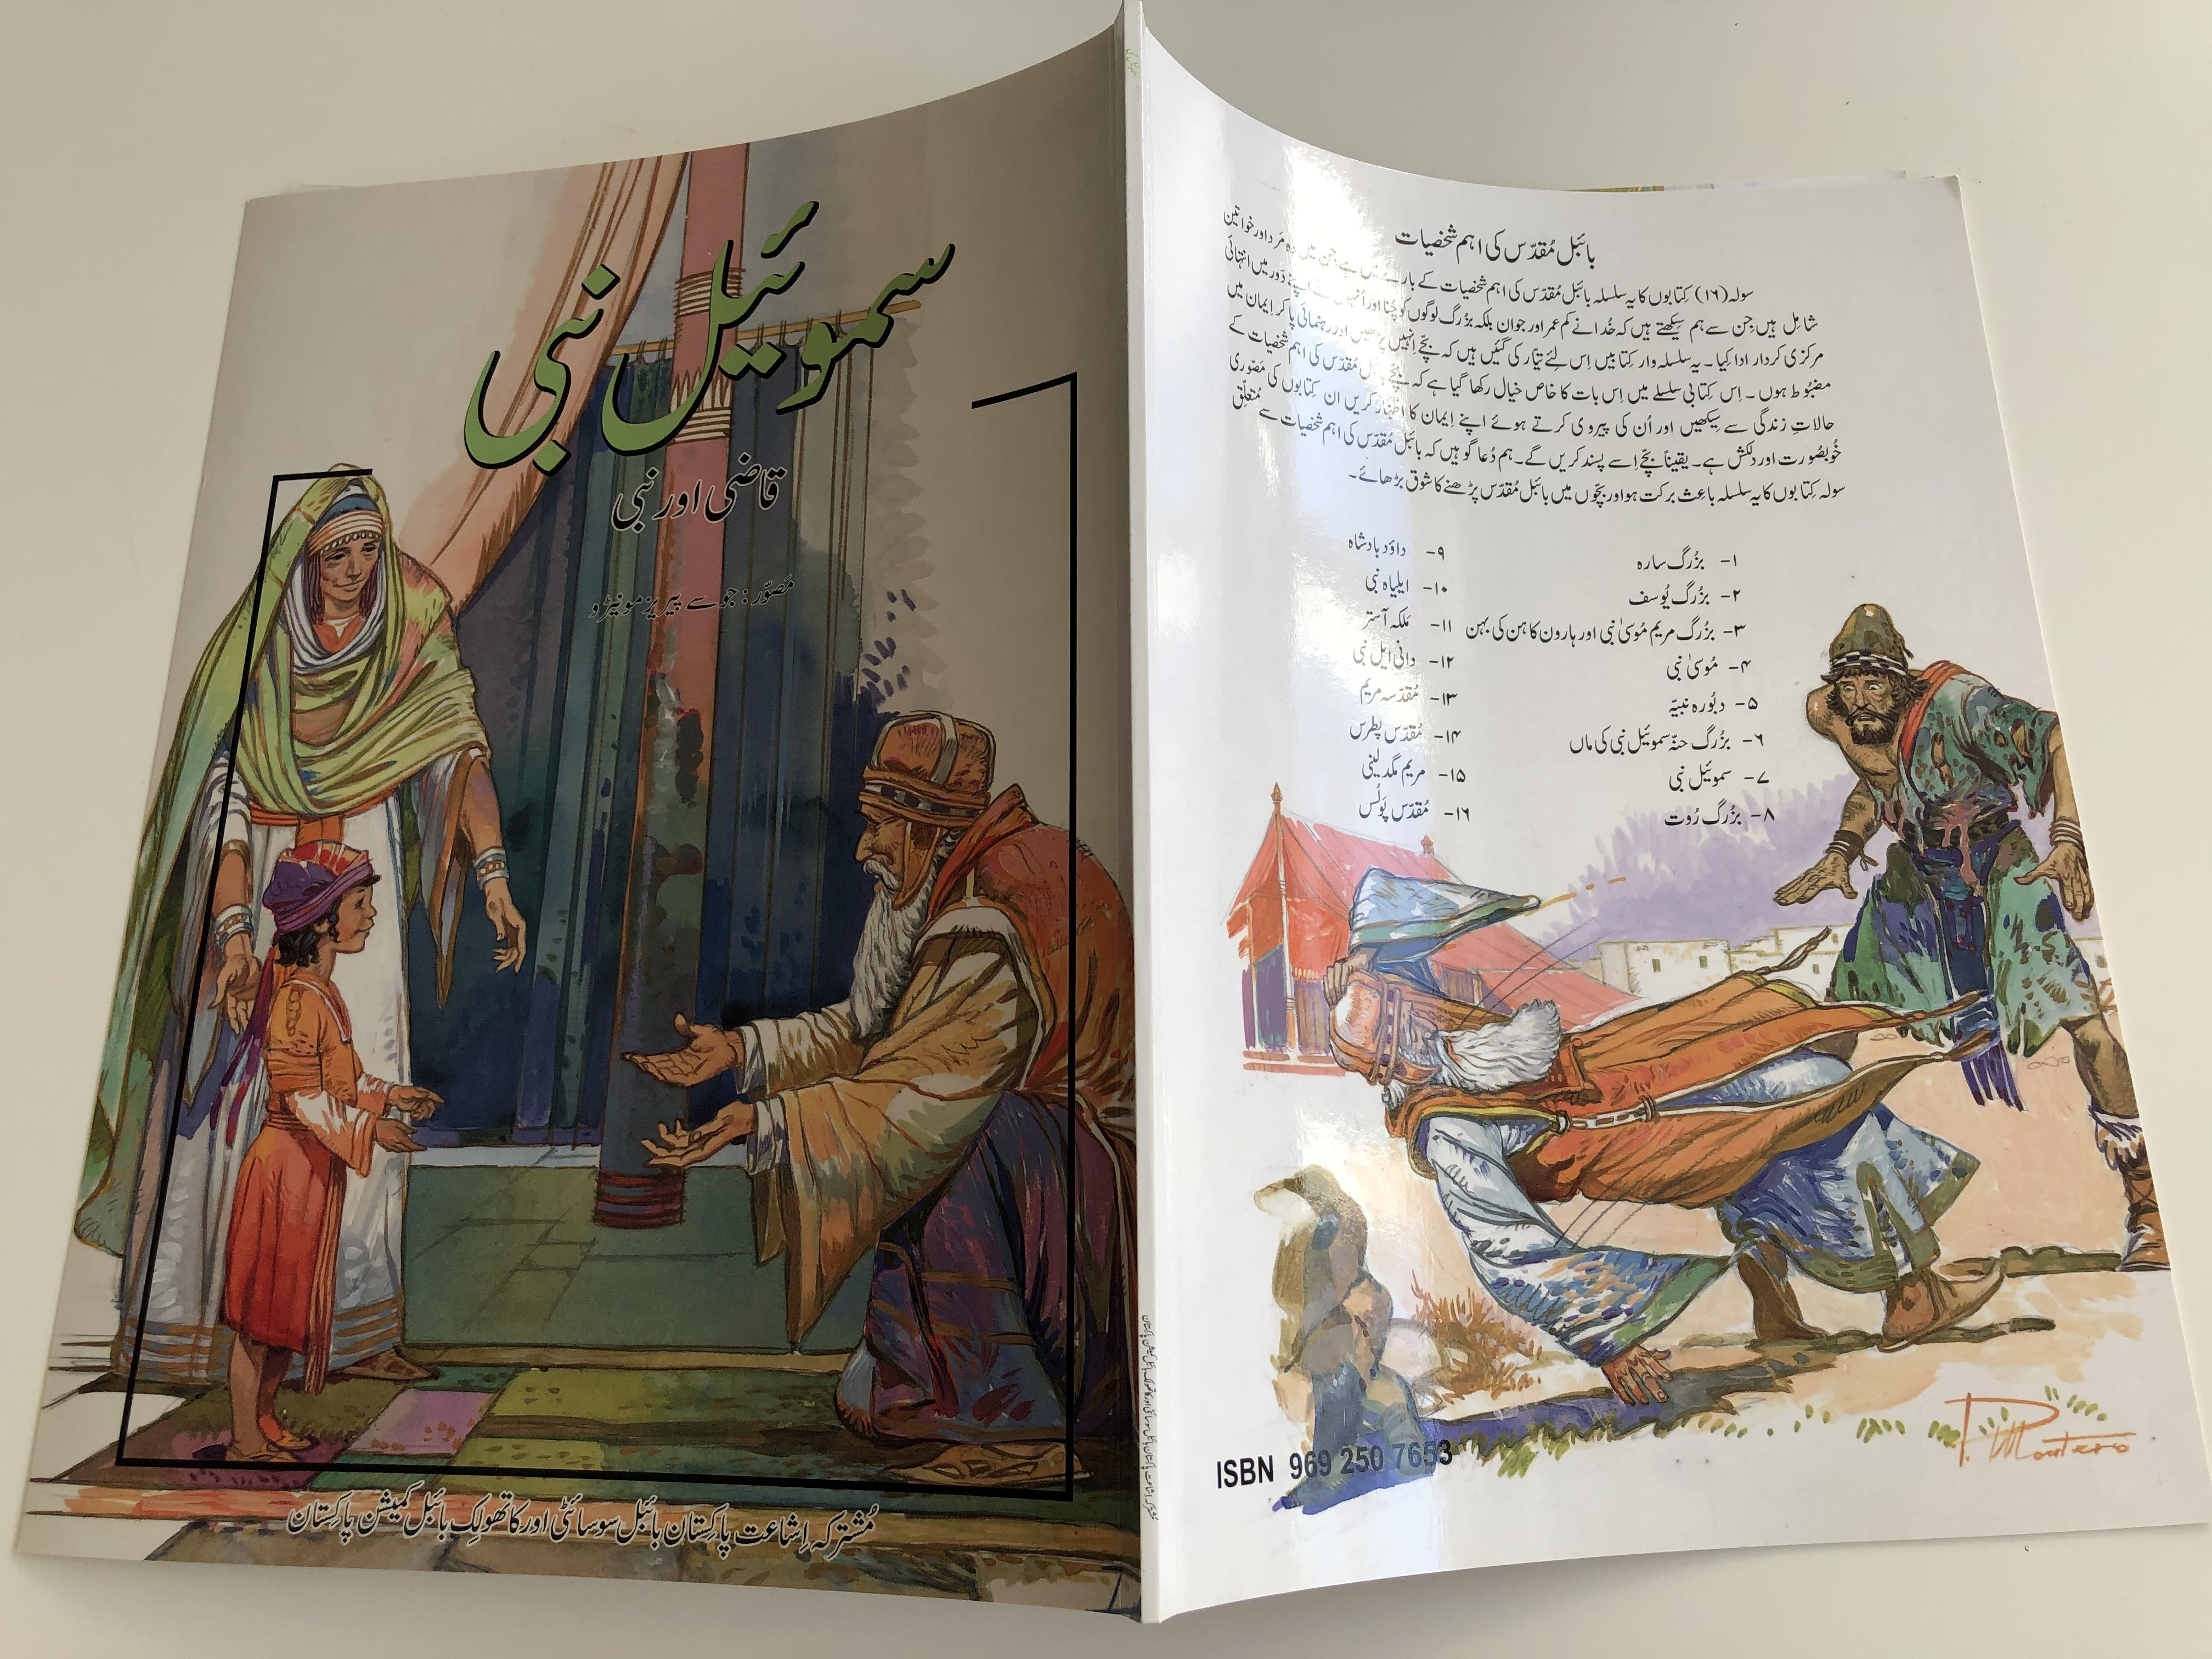 samuel-judge-and-prophet-urdu-11.jpg